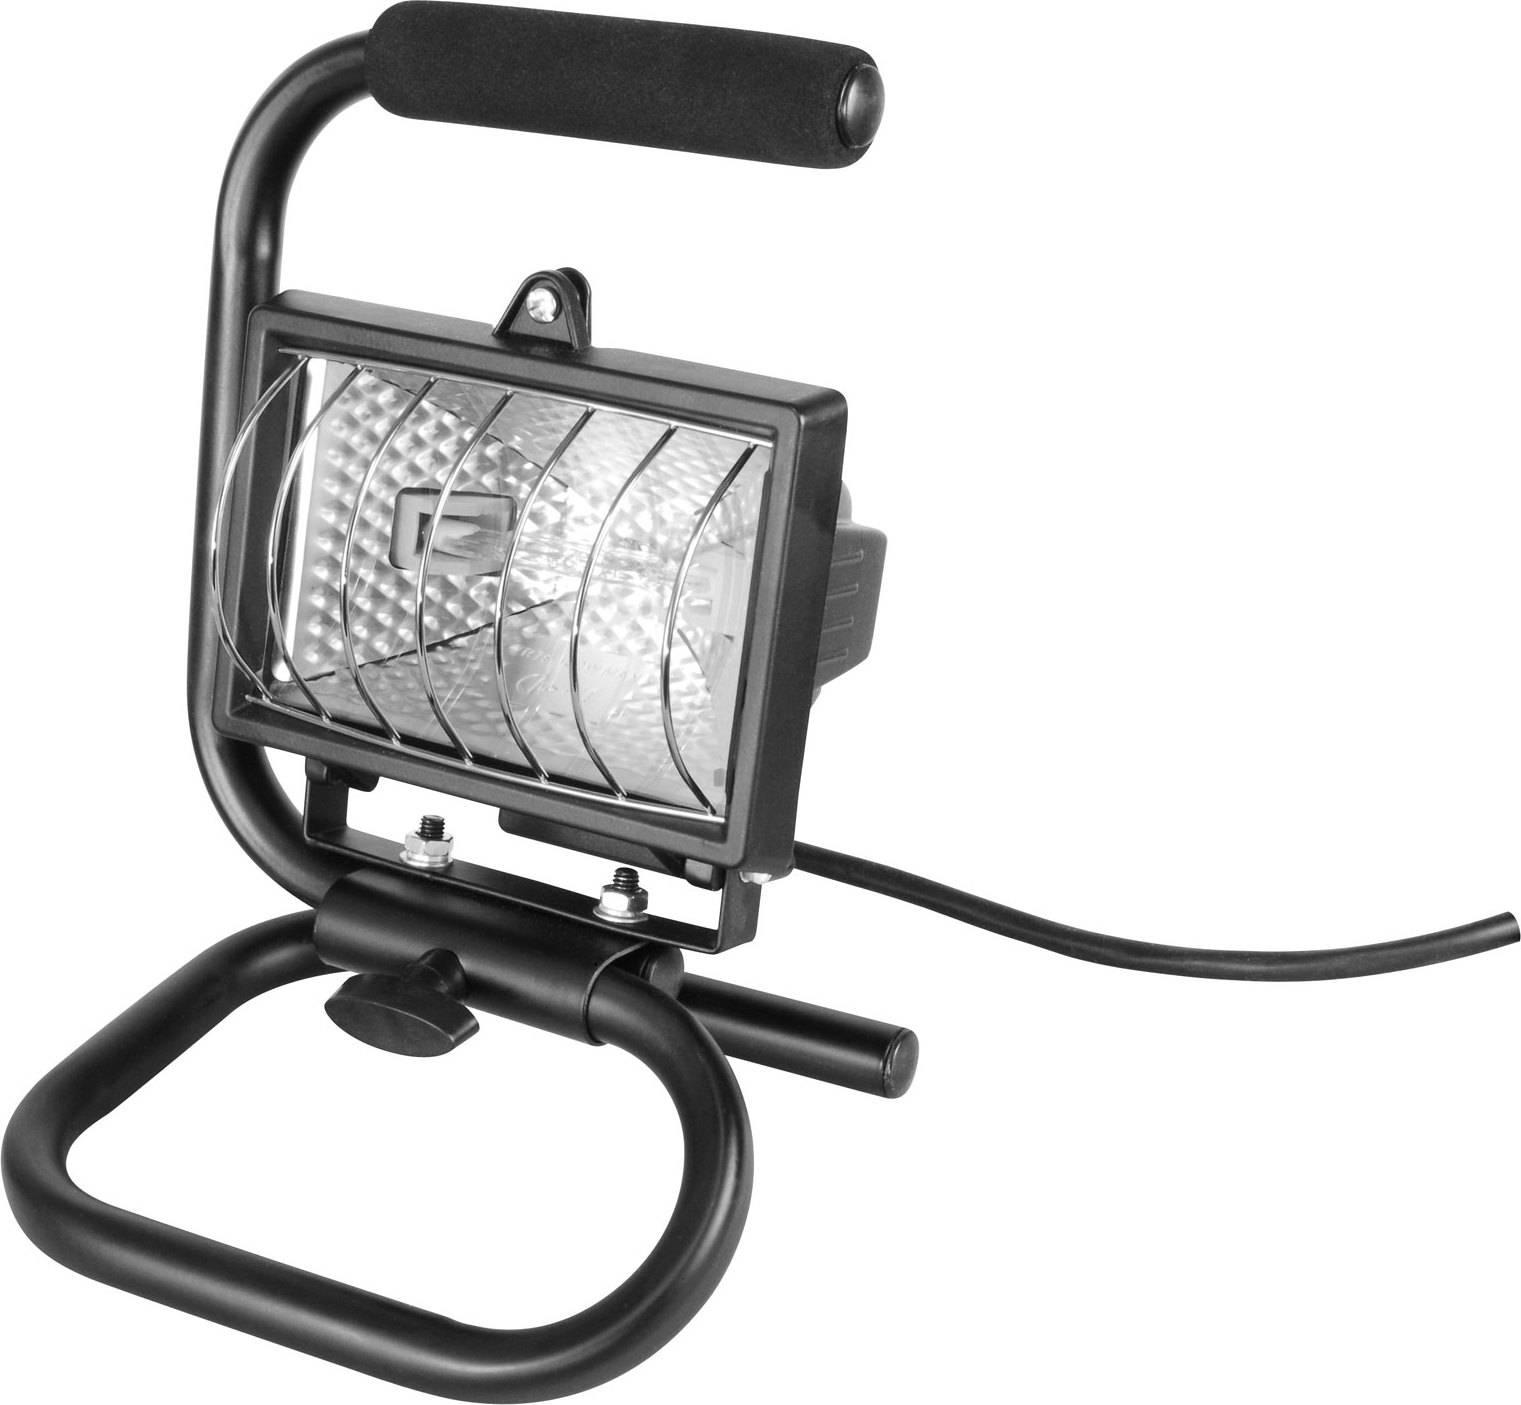 světlo halogenové přenosné s podstavcem, 120W, svítivost jako 150W 82788 EXTOL CRAFT